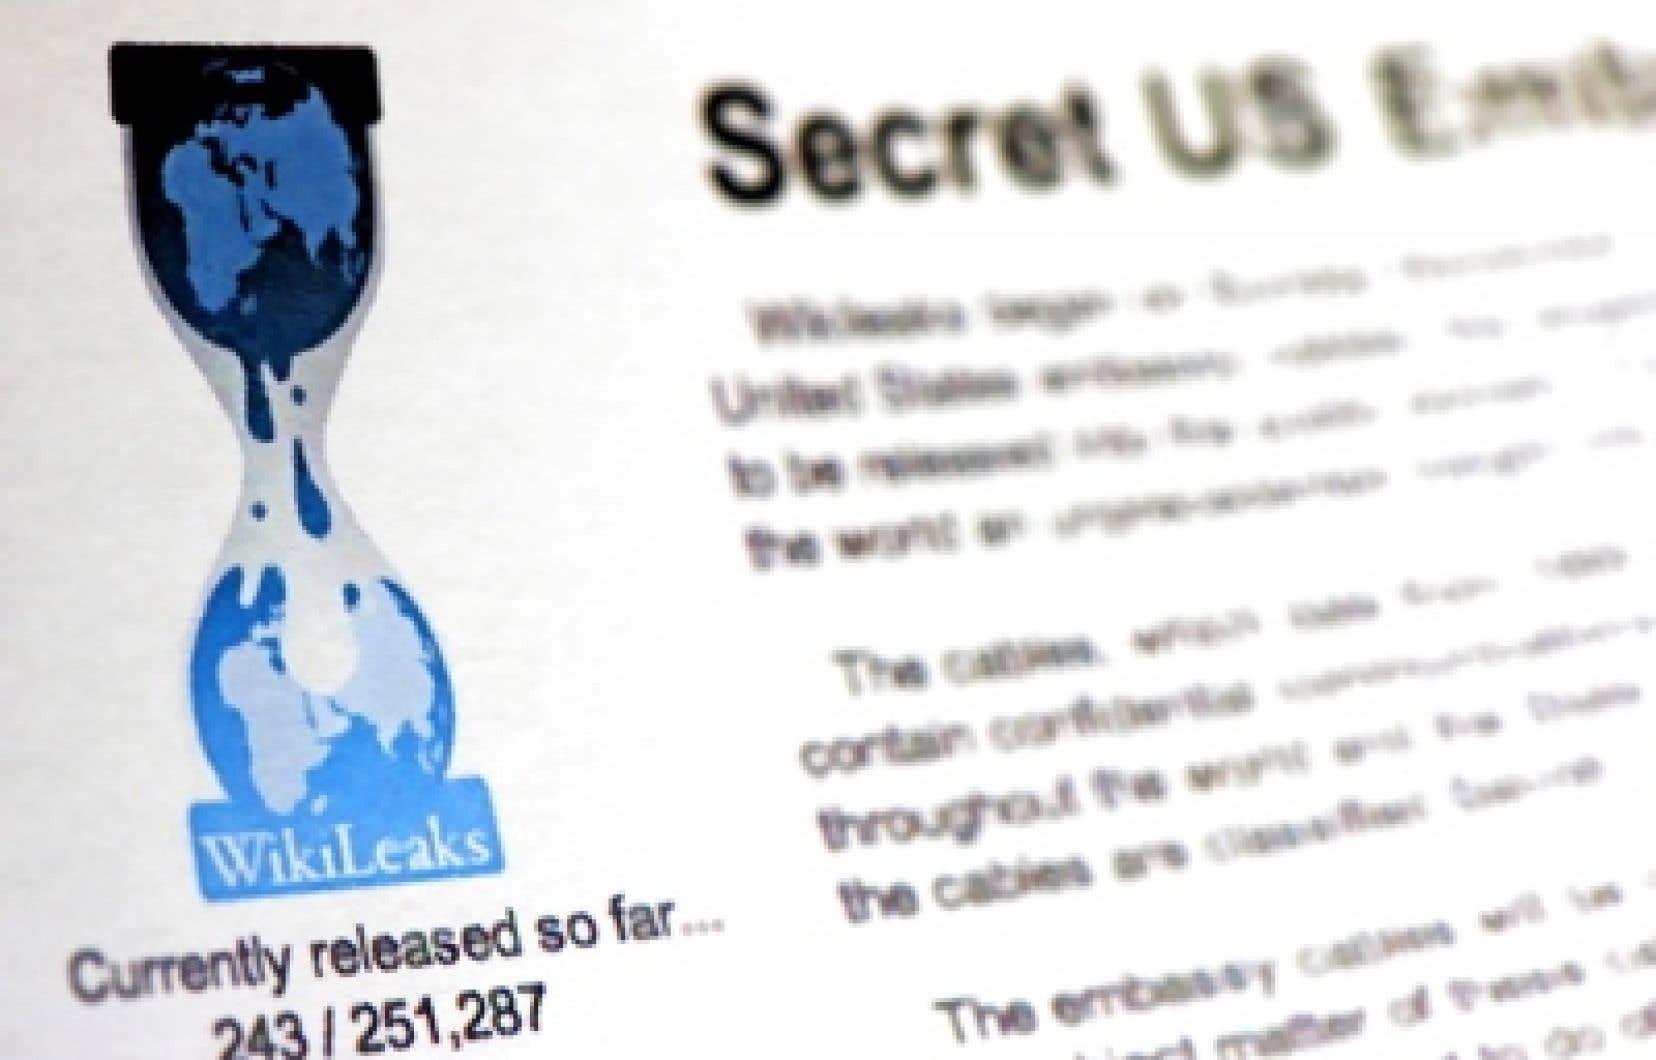 Malgré les milliers de pages d'échanges diplomatiques entre les États-Unis et le Canada qui seront divulguées par le site Internet WikiLeaks dans les prochains jours, le ministre des Affaires étrangères, Lawrence Cannon, ne s'inquiète pas outre mesure.